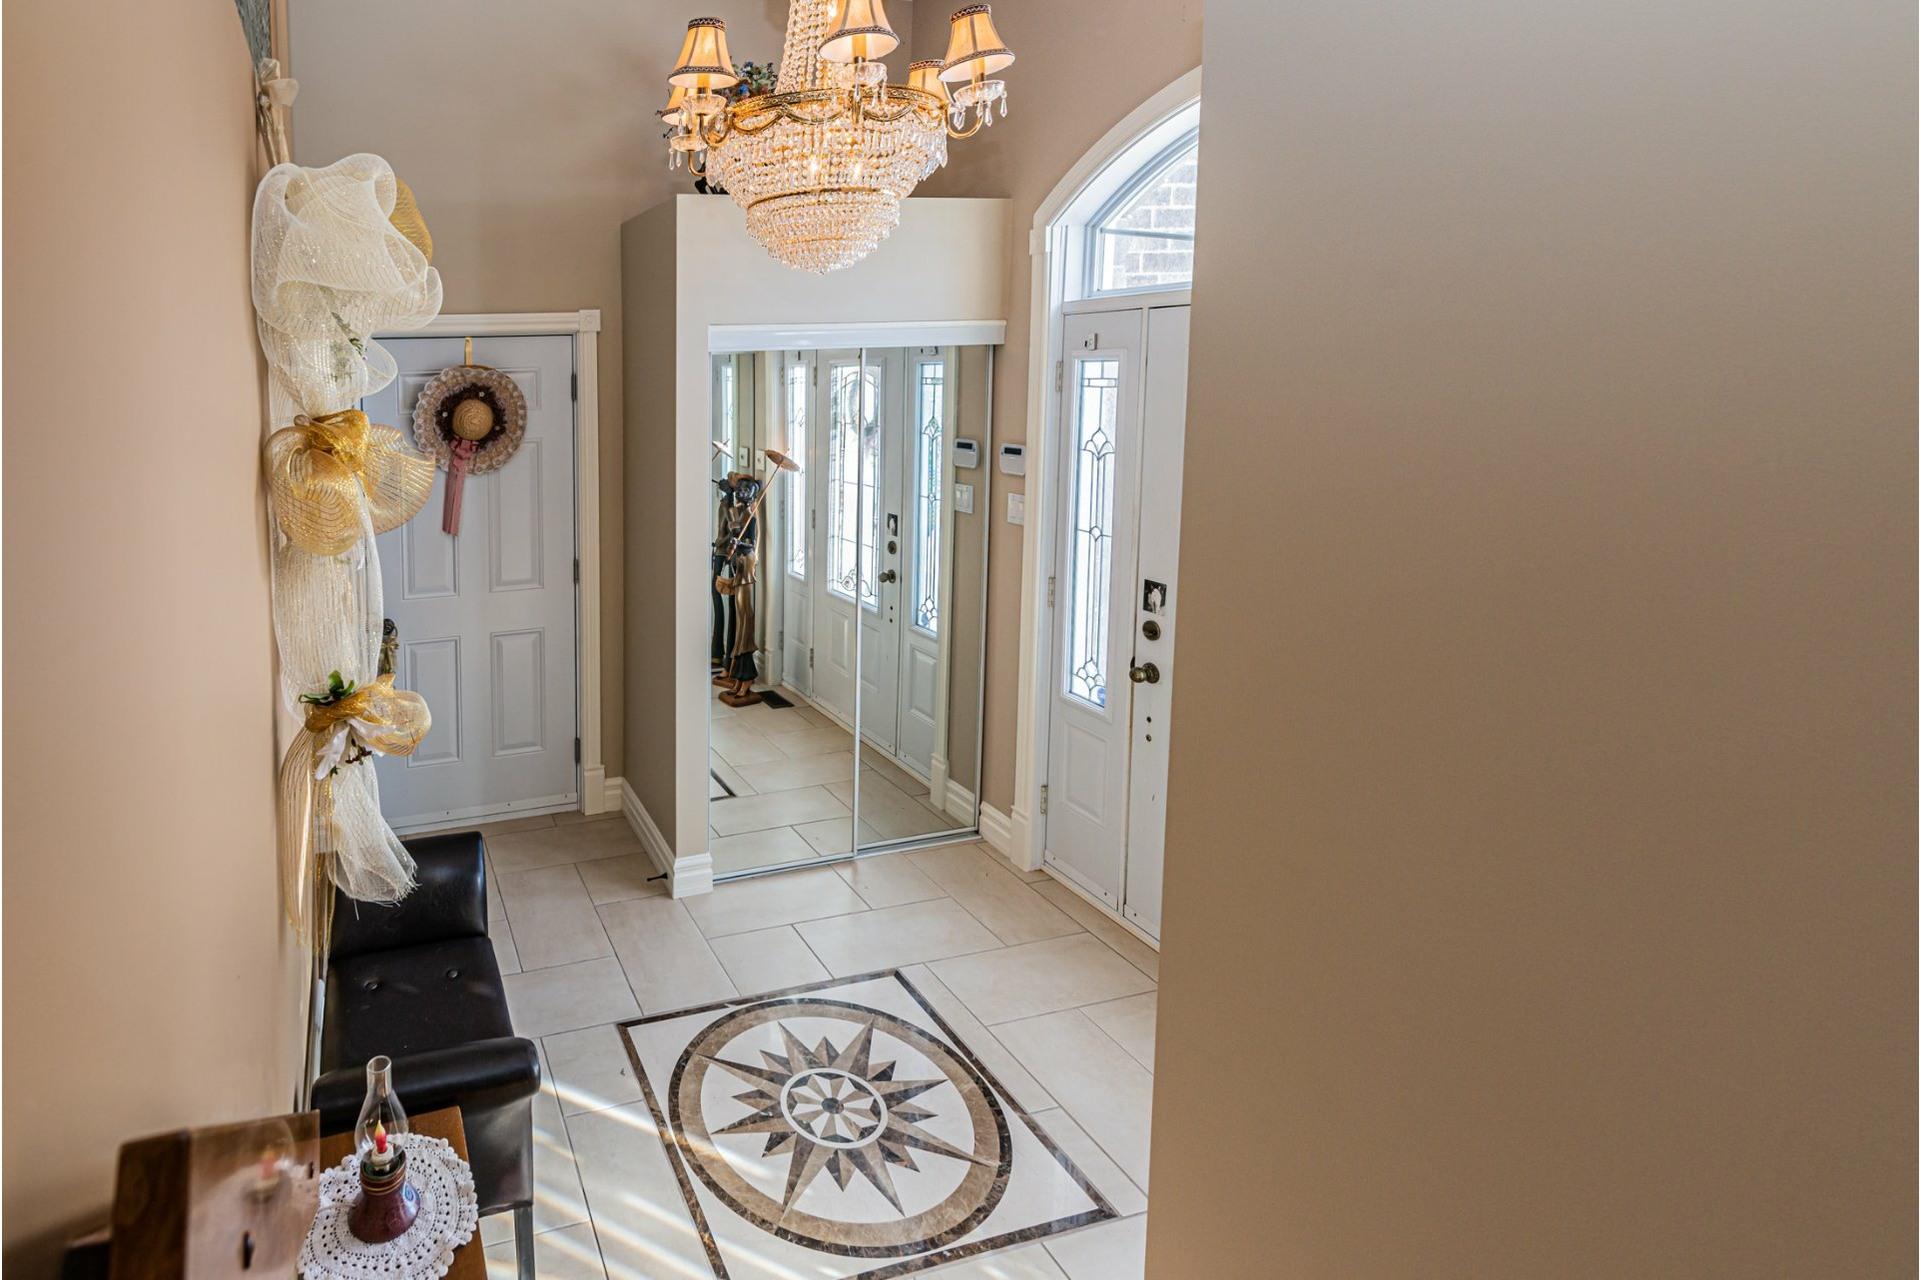 image 2 - MX - Casa sola - MX En venta Saint-Eustache - 14 habitaciones